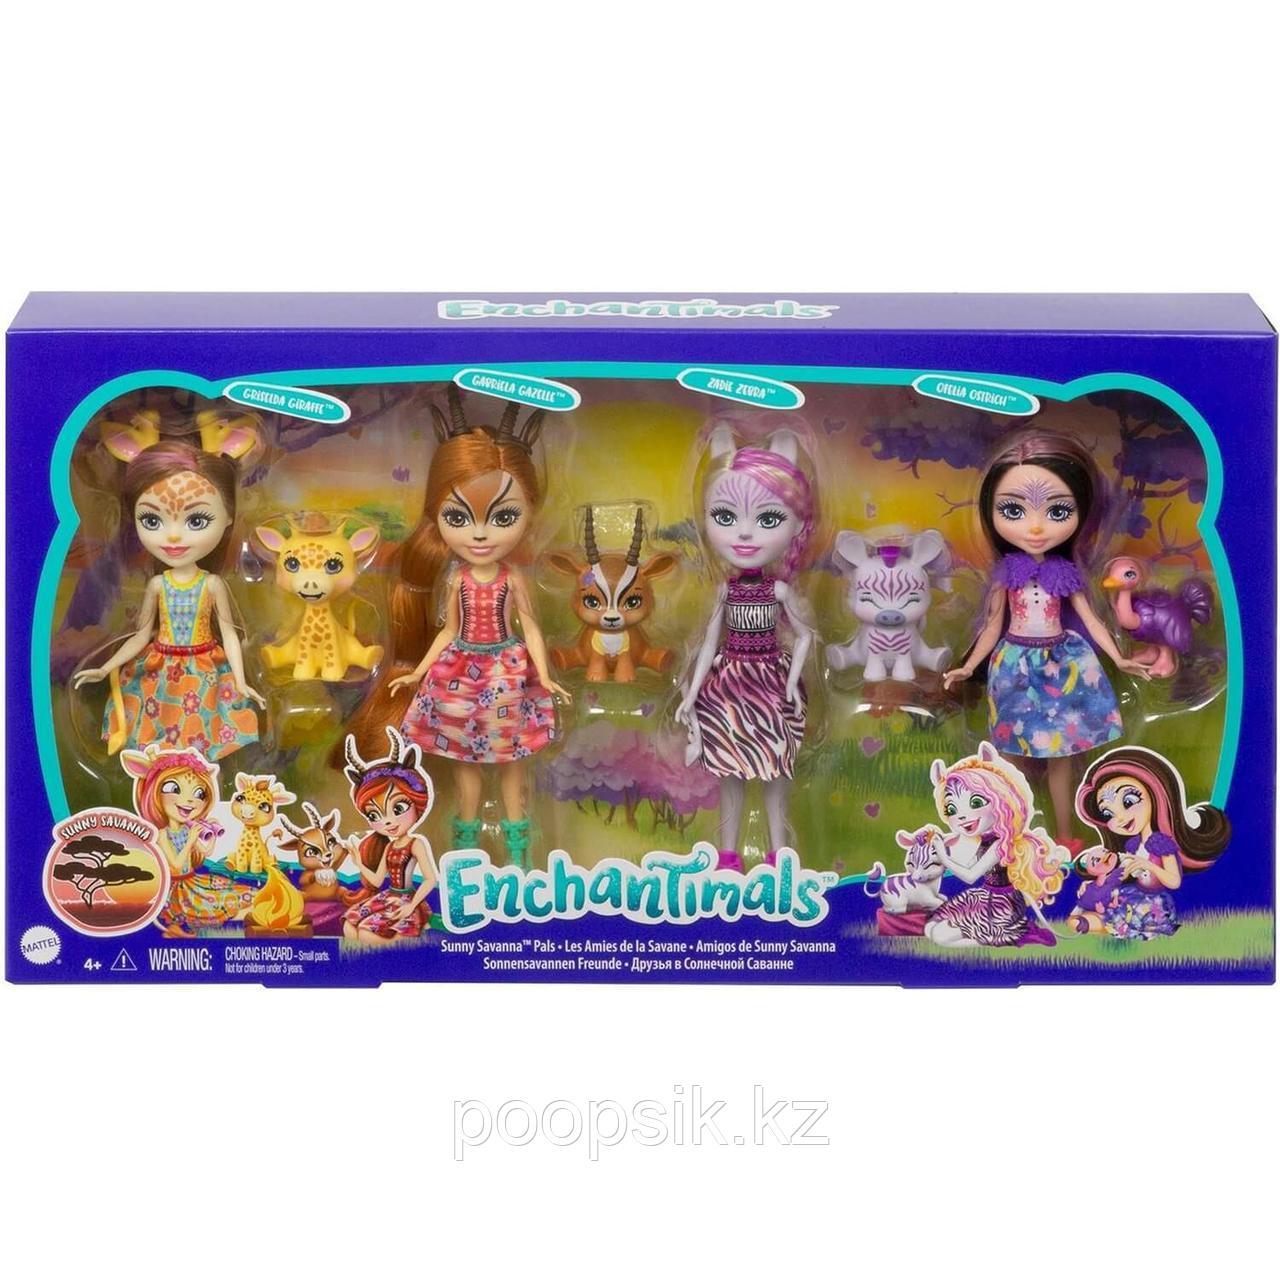 Enchantimals Друзья в Солнечной Саванне набор из четырех кукол с питомцами GYN57 - фото 6